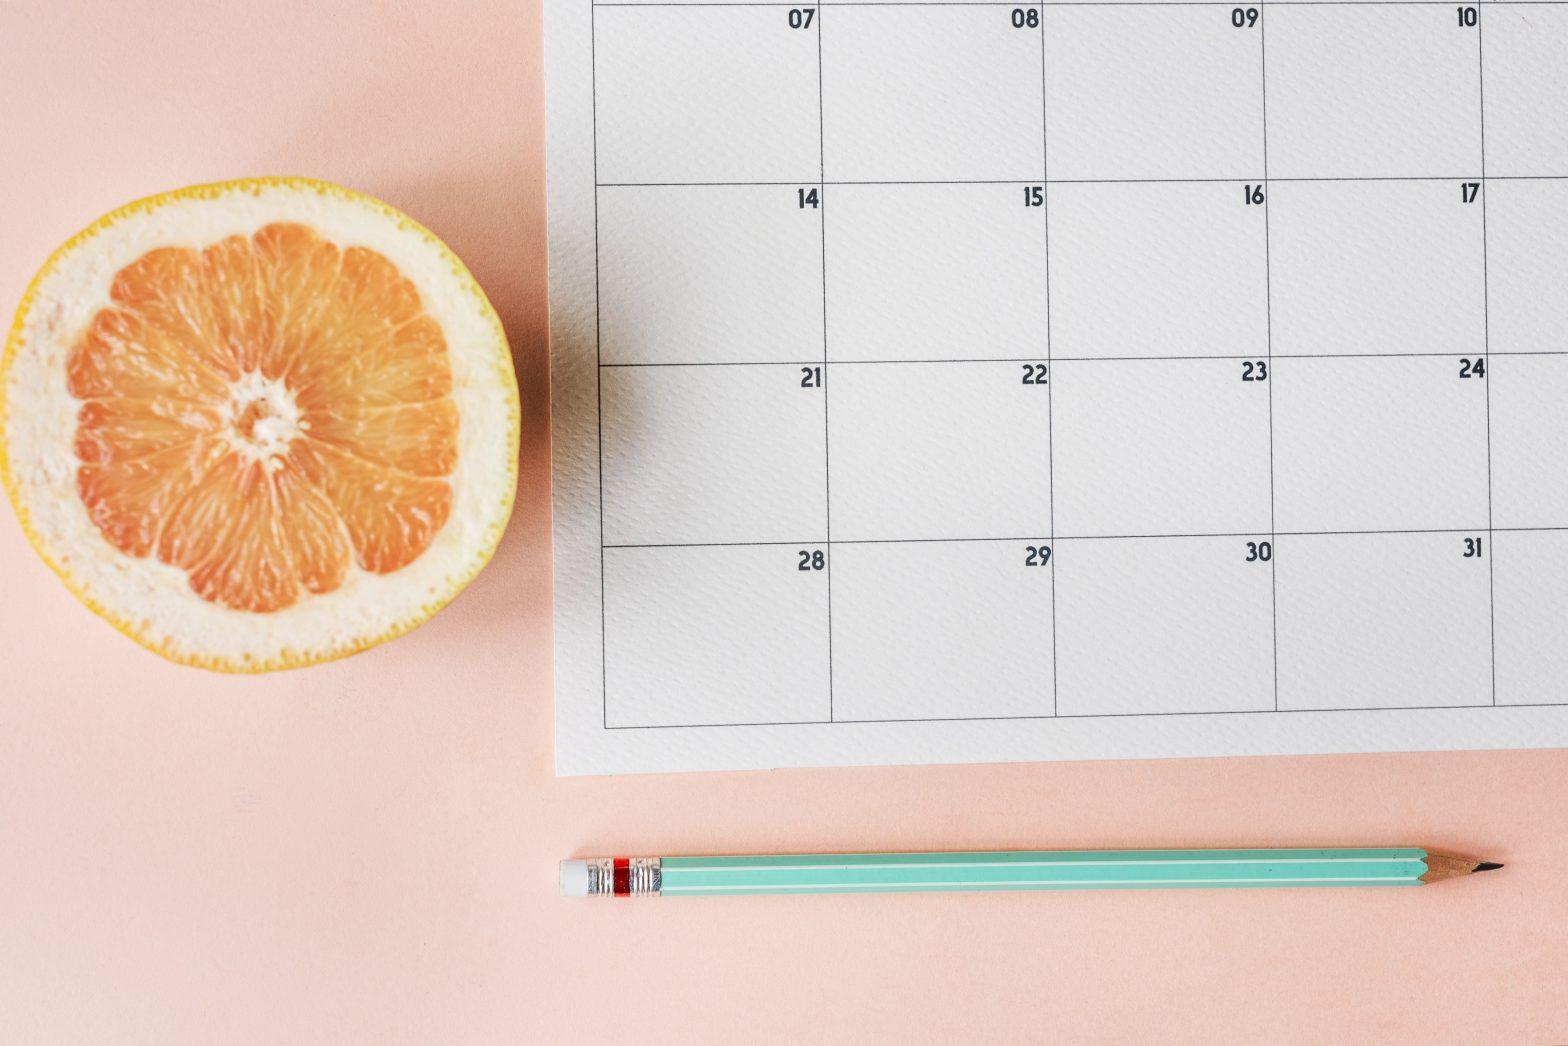 Imagen de un calendario para hacer la organización de tu trabajo y planificación del bullet journal sobre fondo rosa.